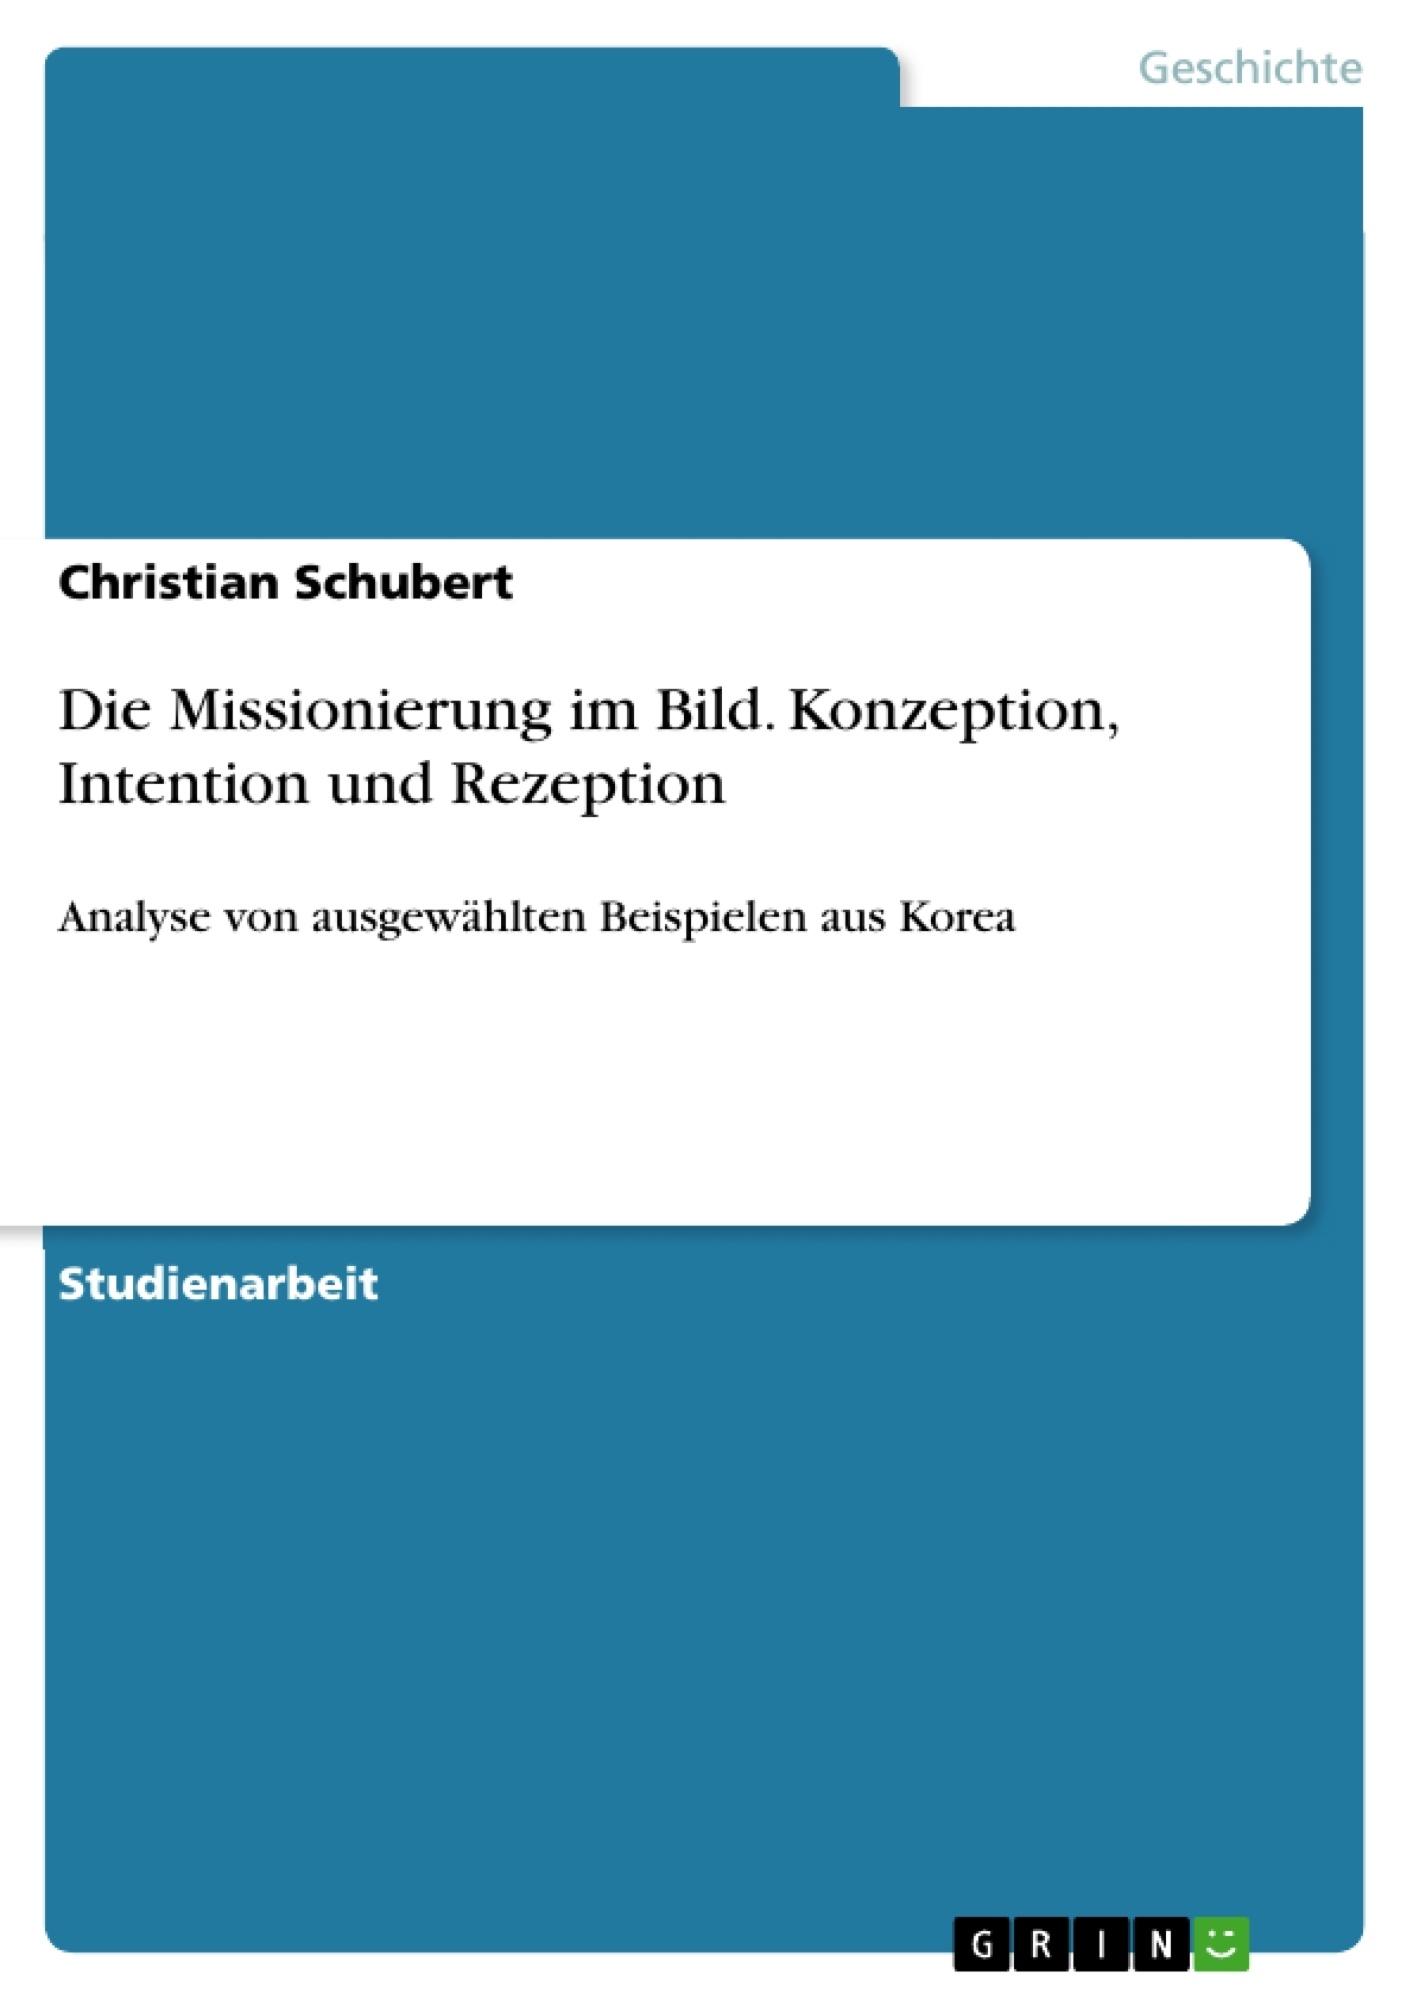 Titel: Die Missionierung im Bild. Konzeption, Intention und Rezeption